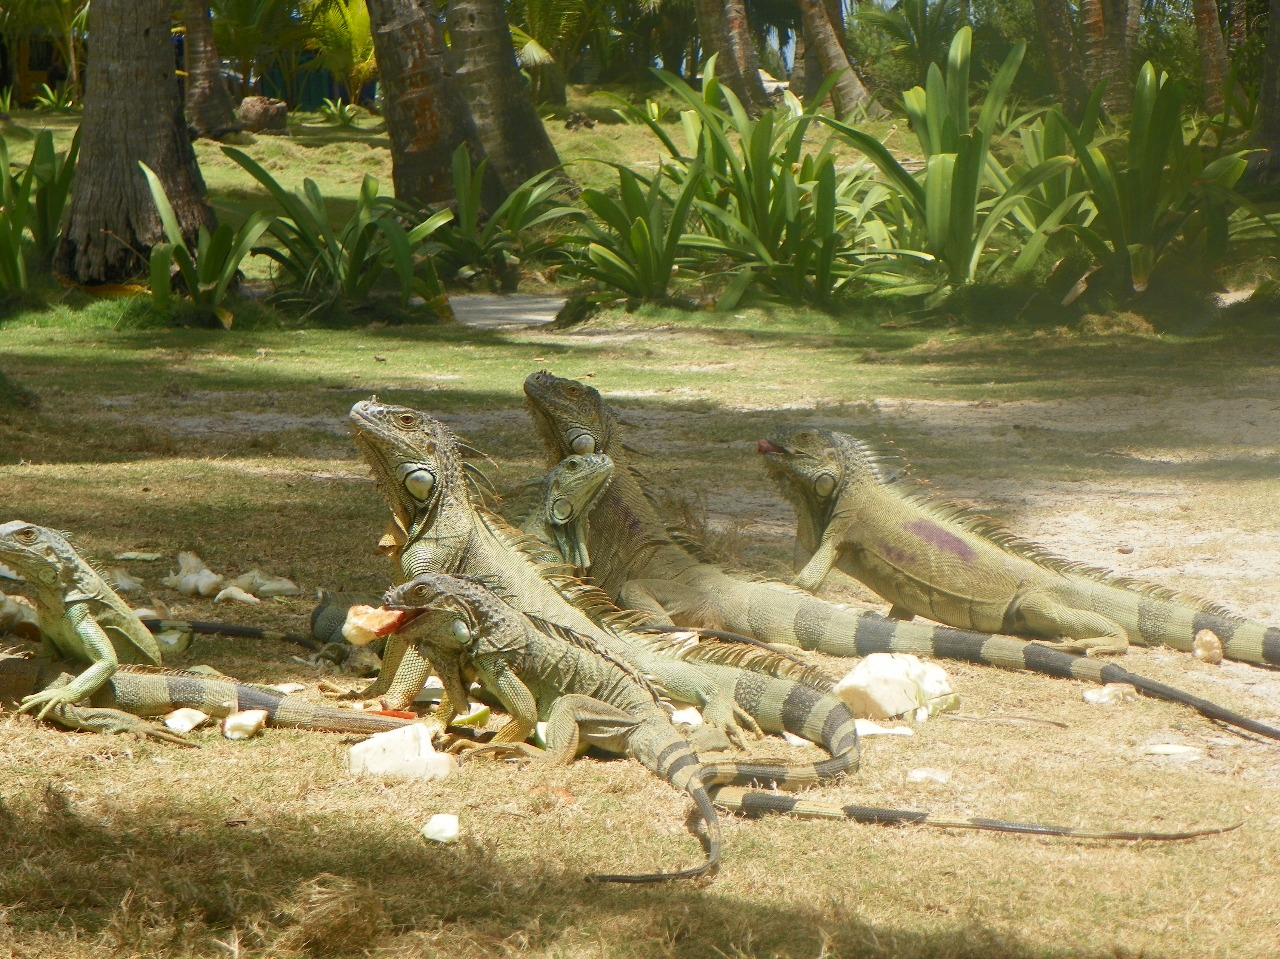 Iguanas - Tour Johnny Cay - Colombia - ColombiaTours.Travel - San Andrés Islas